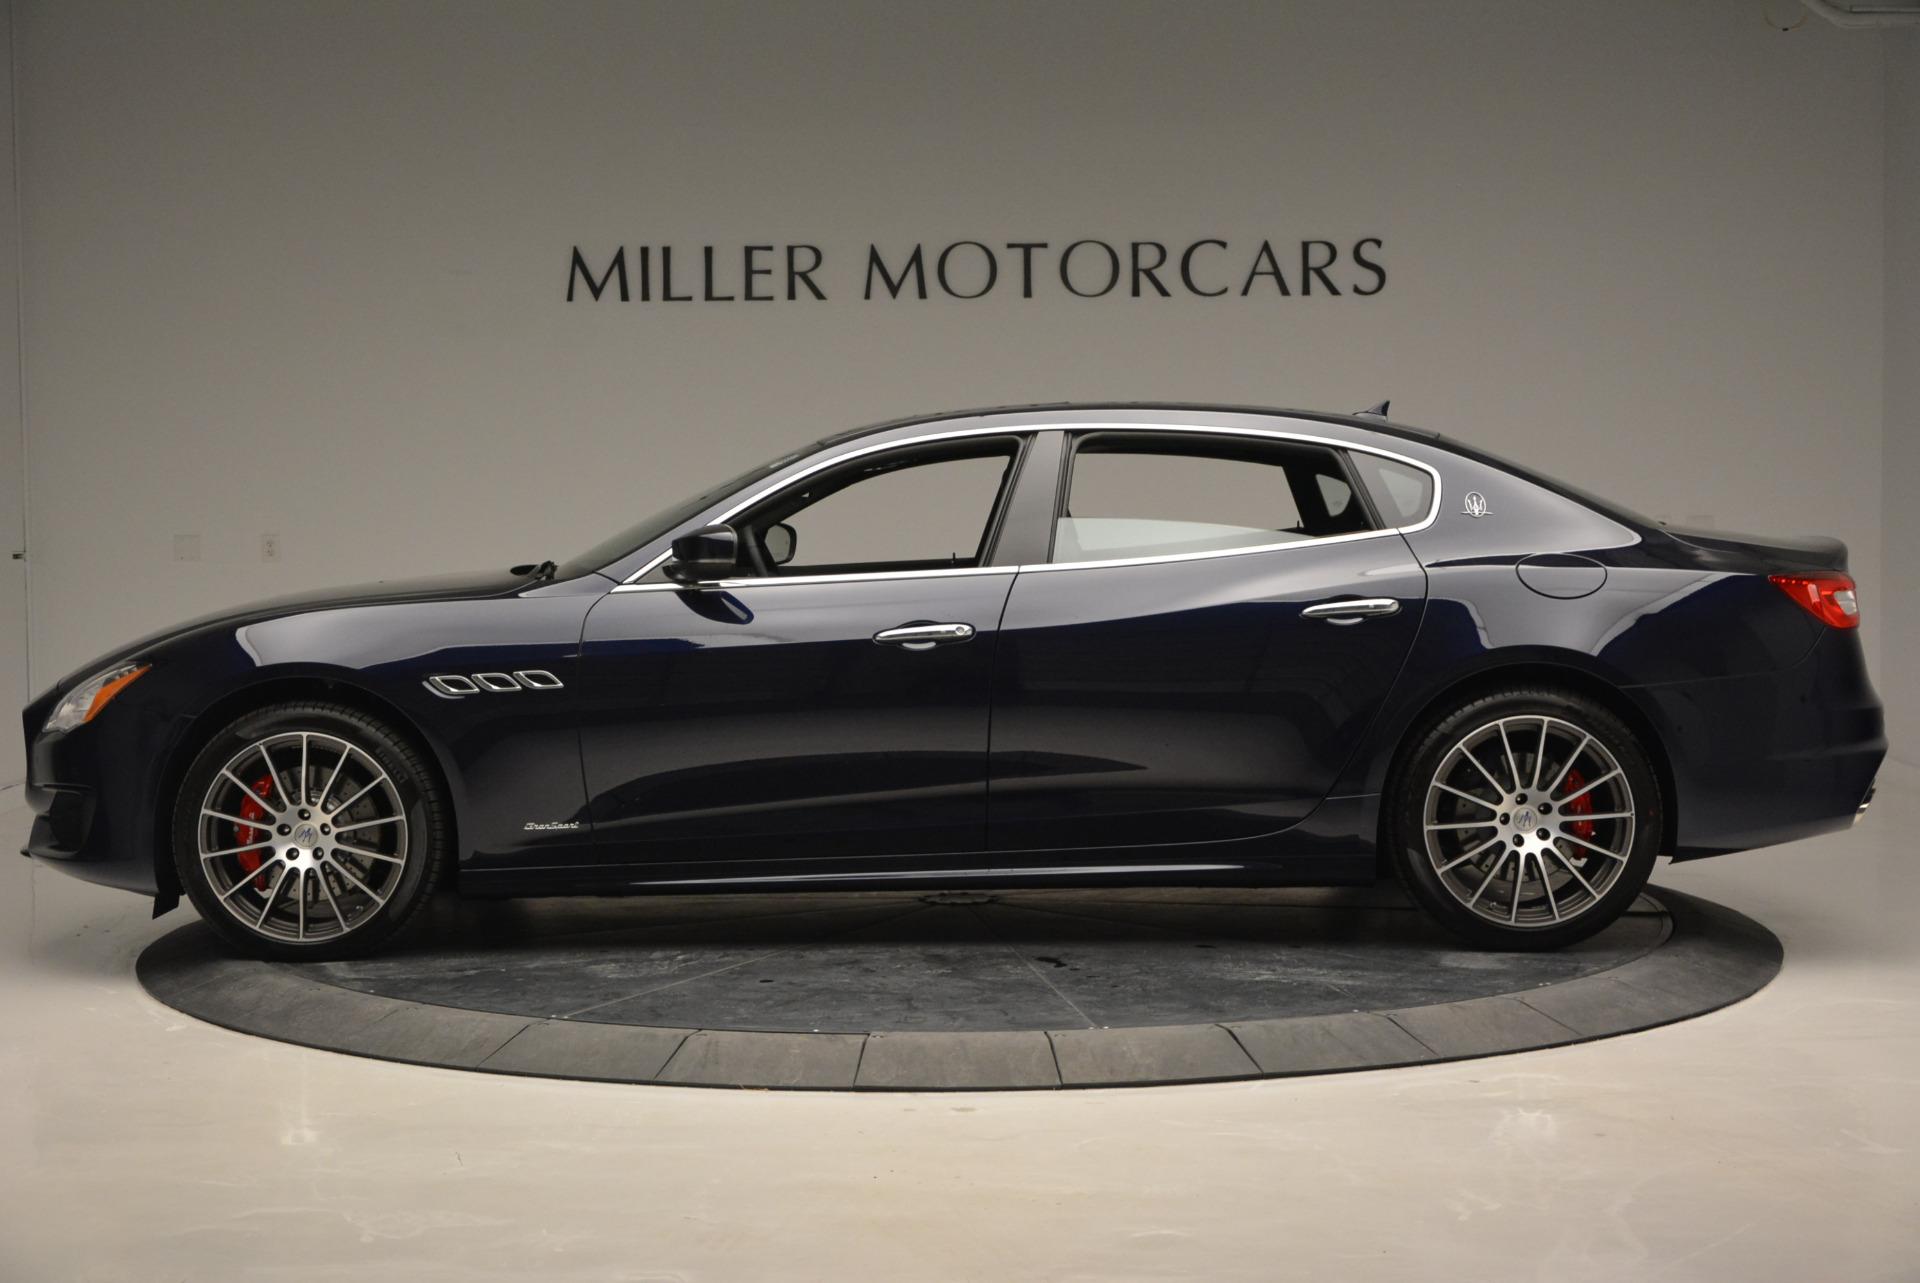 New 2017 Maserati Quattroporte S Q4 GranSport For Sale In Greenwich, CT 877_p3